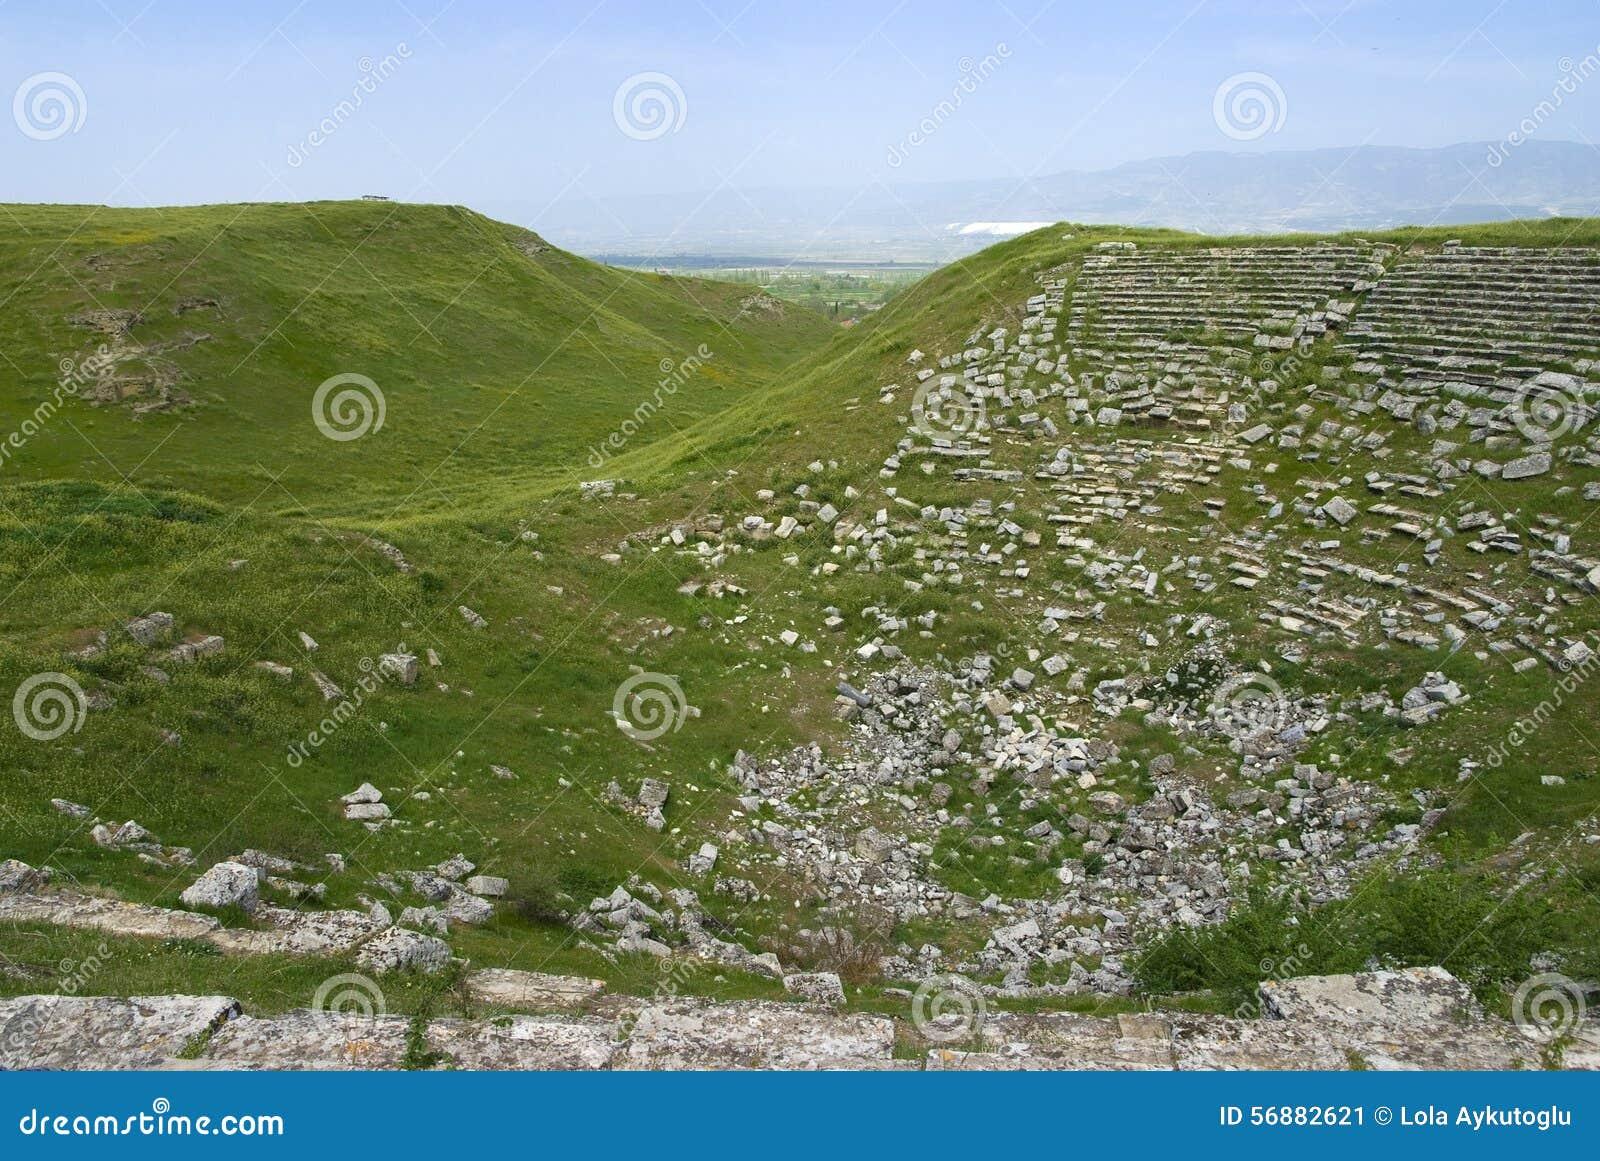 Rovine antiche del teatro, le rovine di Laodicea una città di Roman Empire